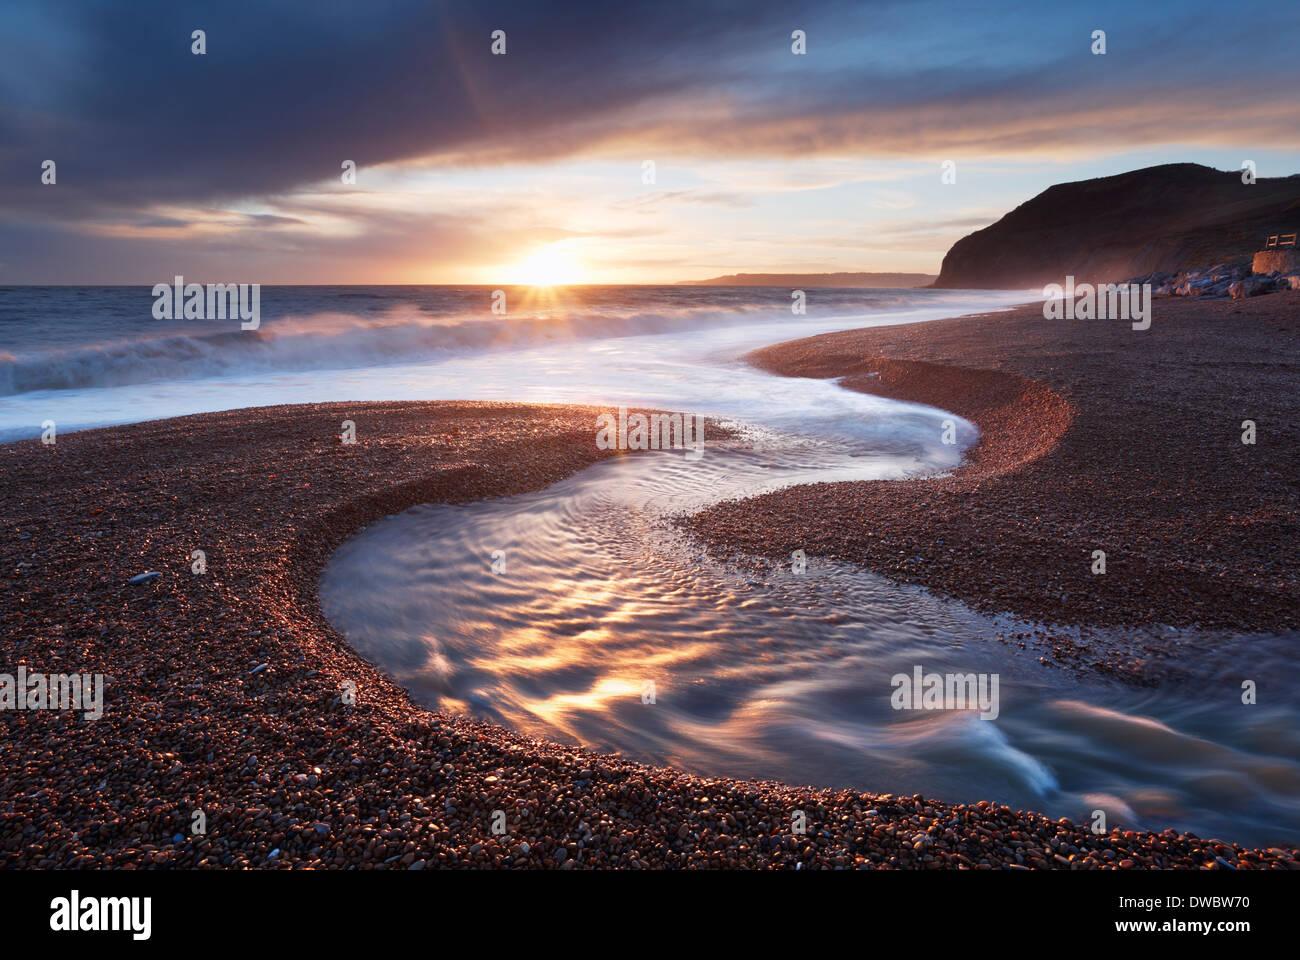 Winniford rivière se jetant dans la mer à la plage de Seatown avec les falaises de Cap d'or dans la distance. La côte jurassique. Le Dorset. UK. Banque D'Images